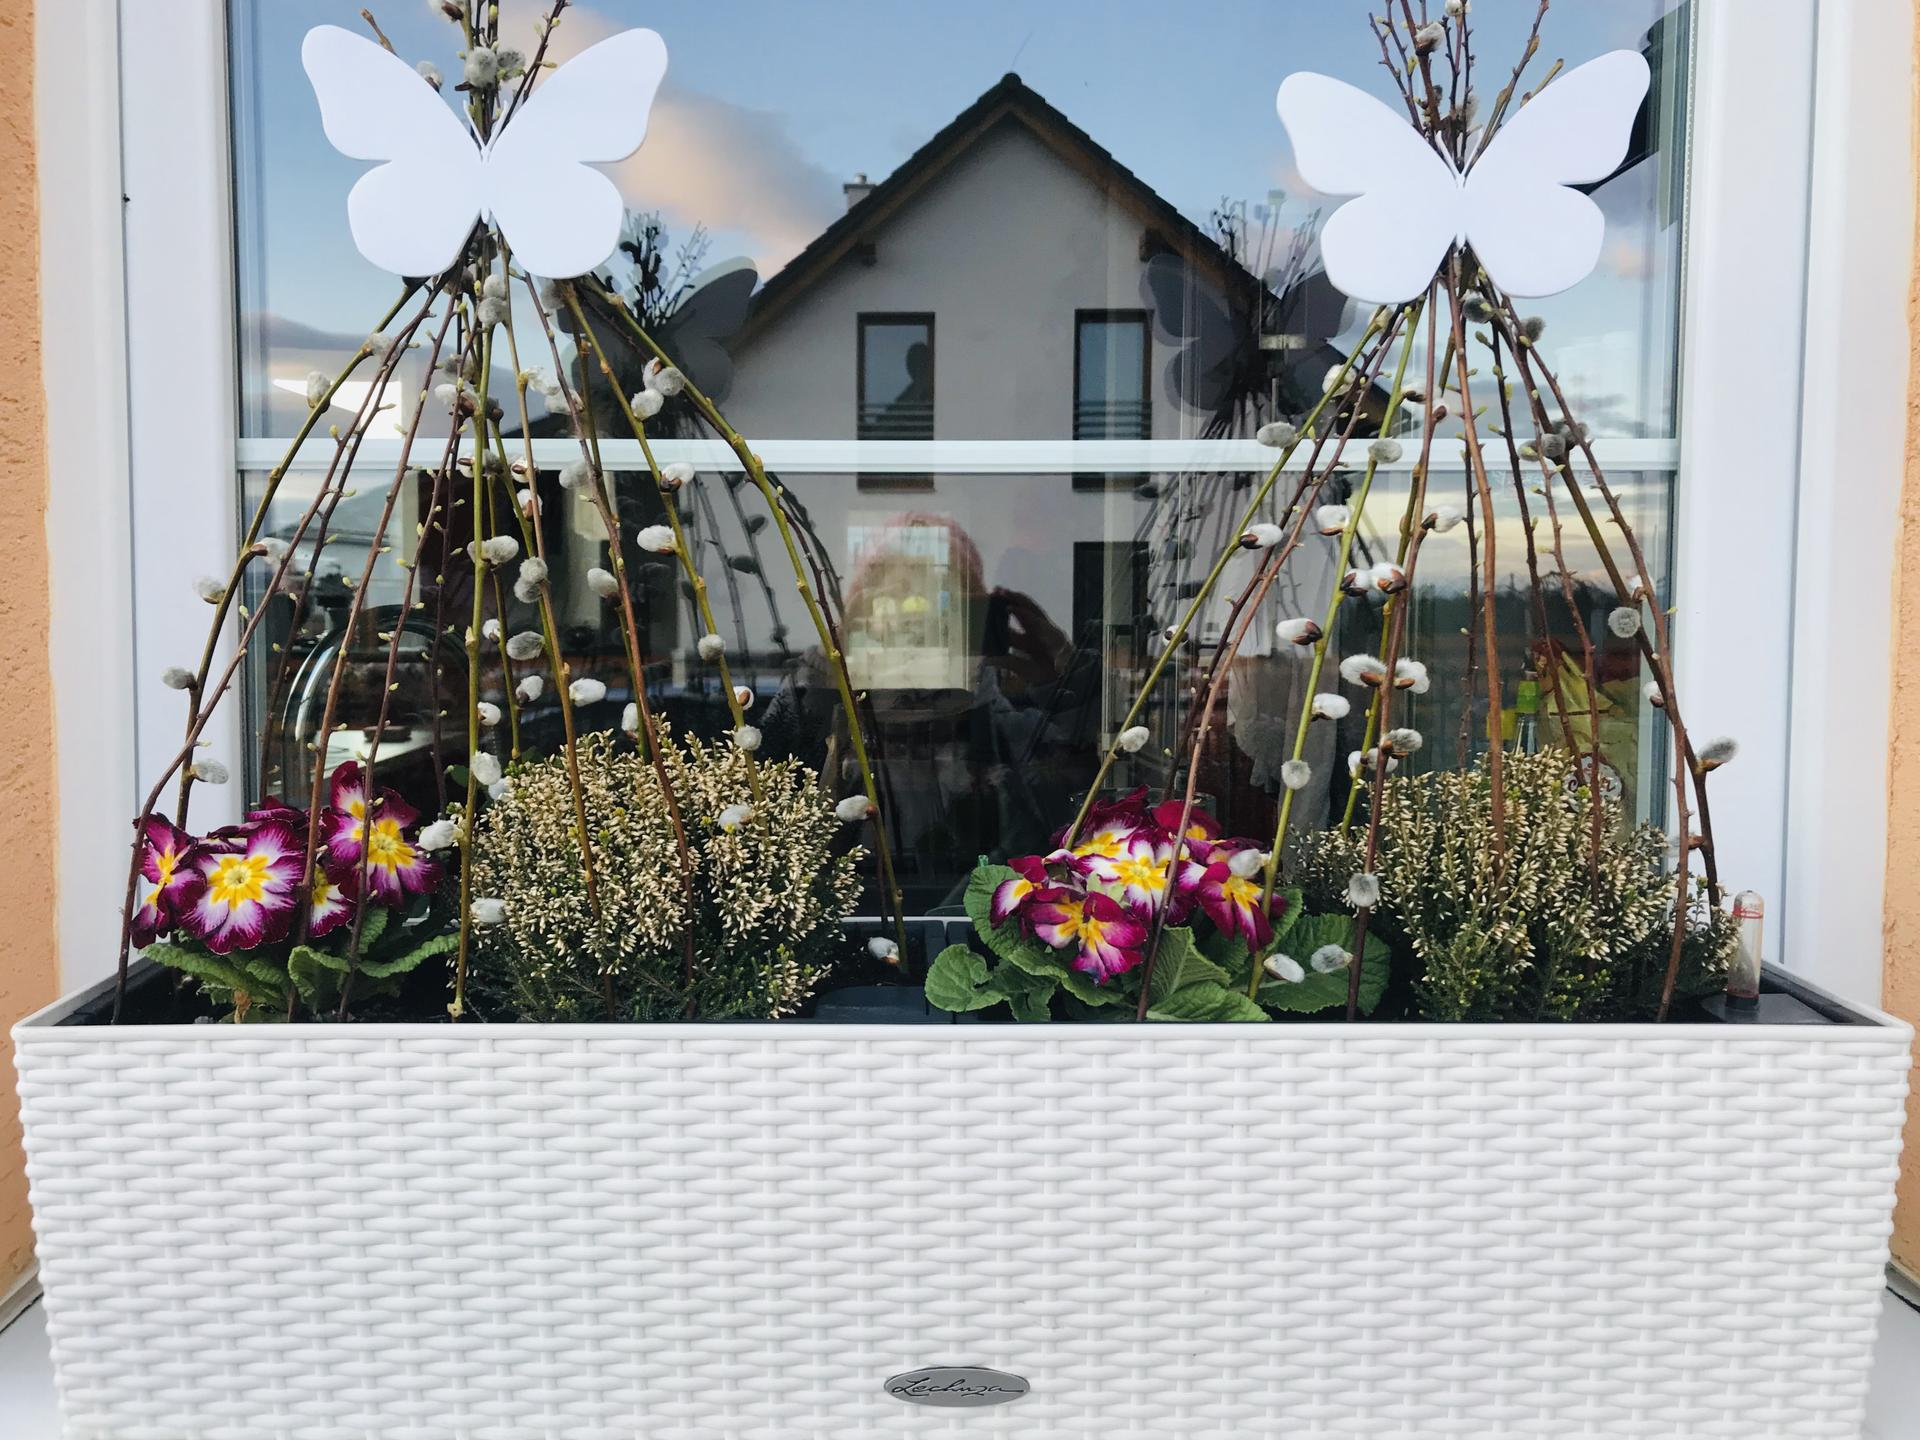 Naše barevná zahrada 🌸 - Počasí ješte všelijaké, ale ať si ty jarní truhlíky stihnu ještě užít, než přijdou letní